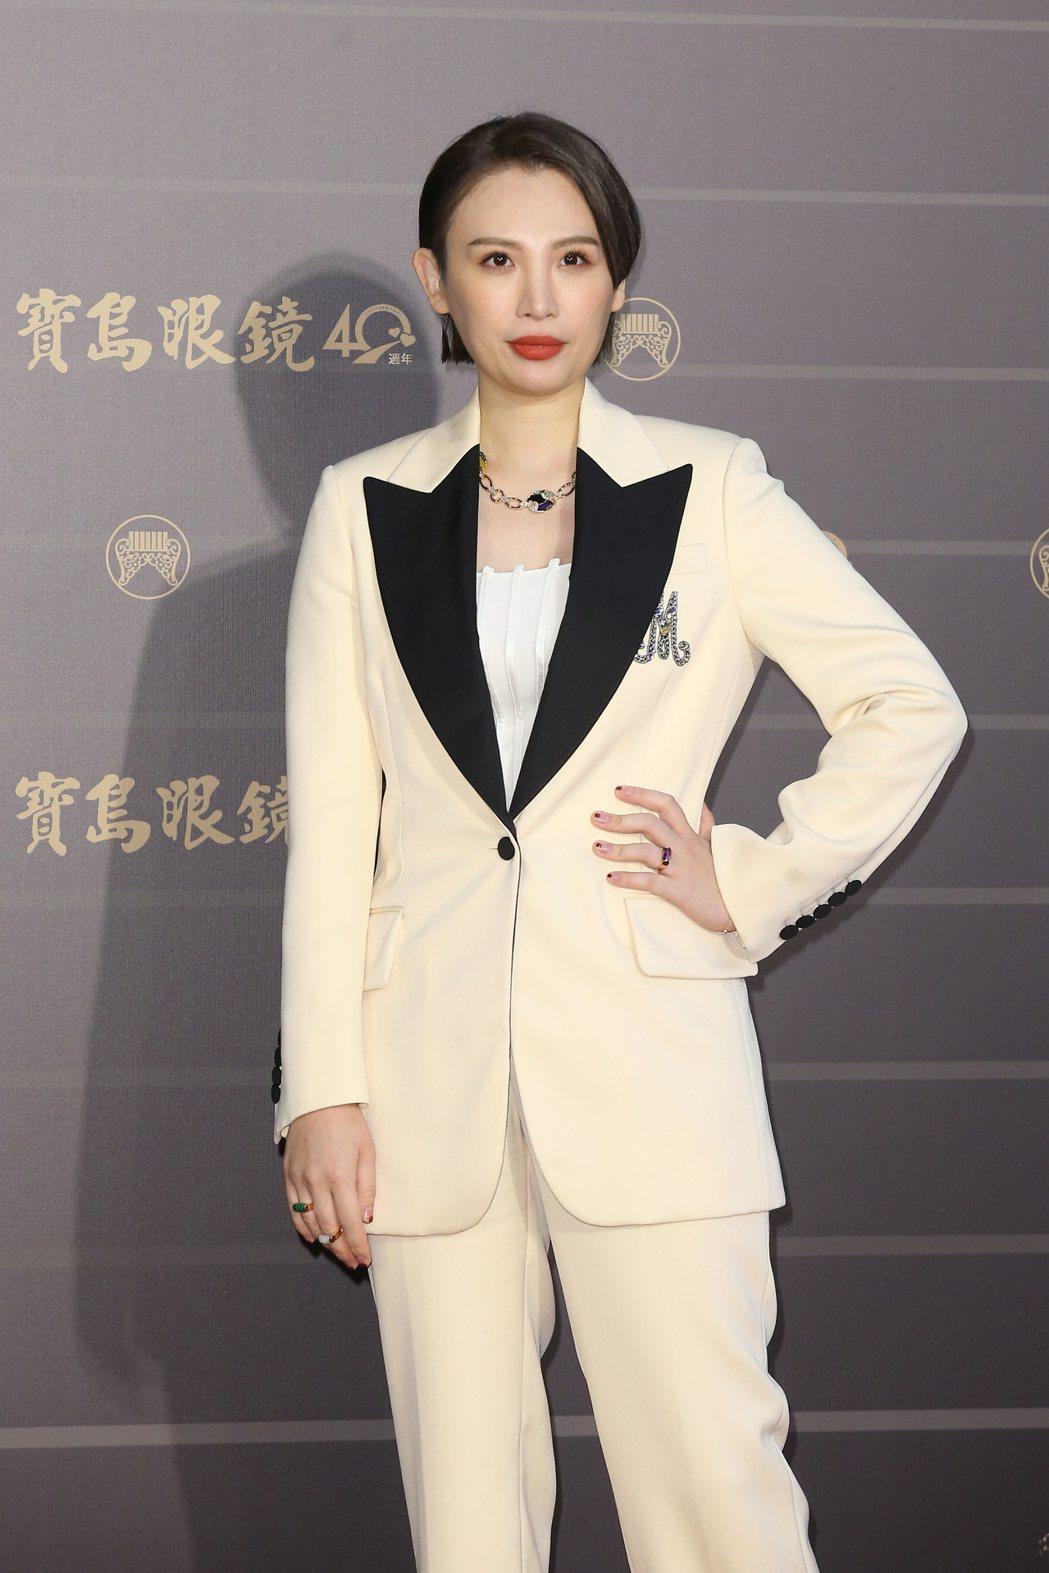 第31屆金曲獎在台北流行音樂中心舉行,魏如萱走星光大道。記者季相儒/攝影